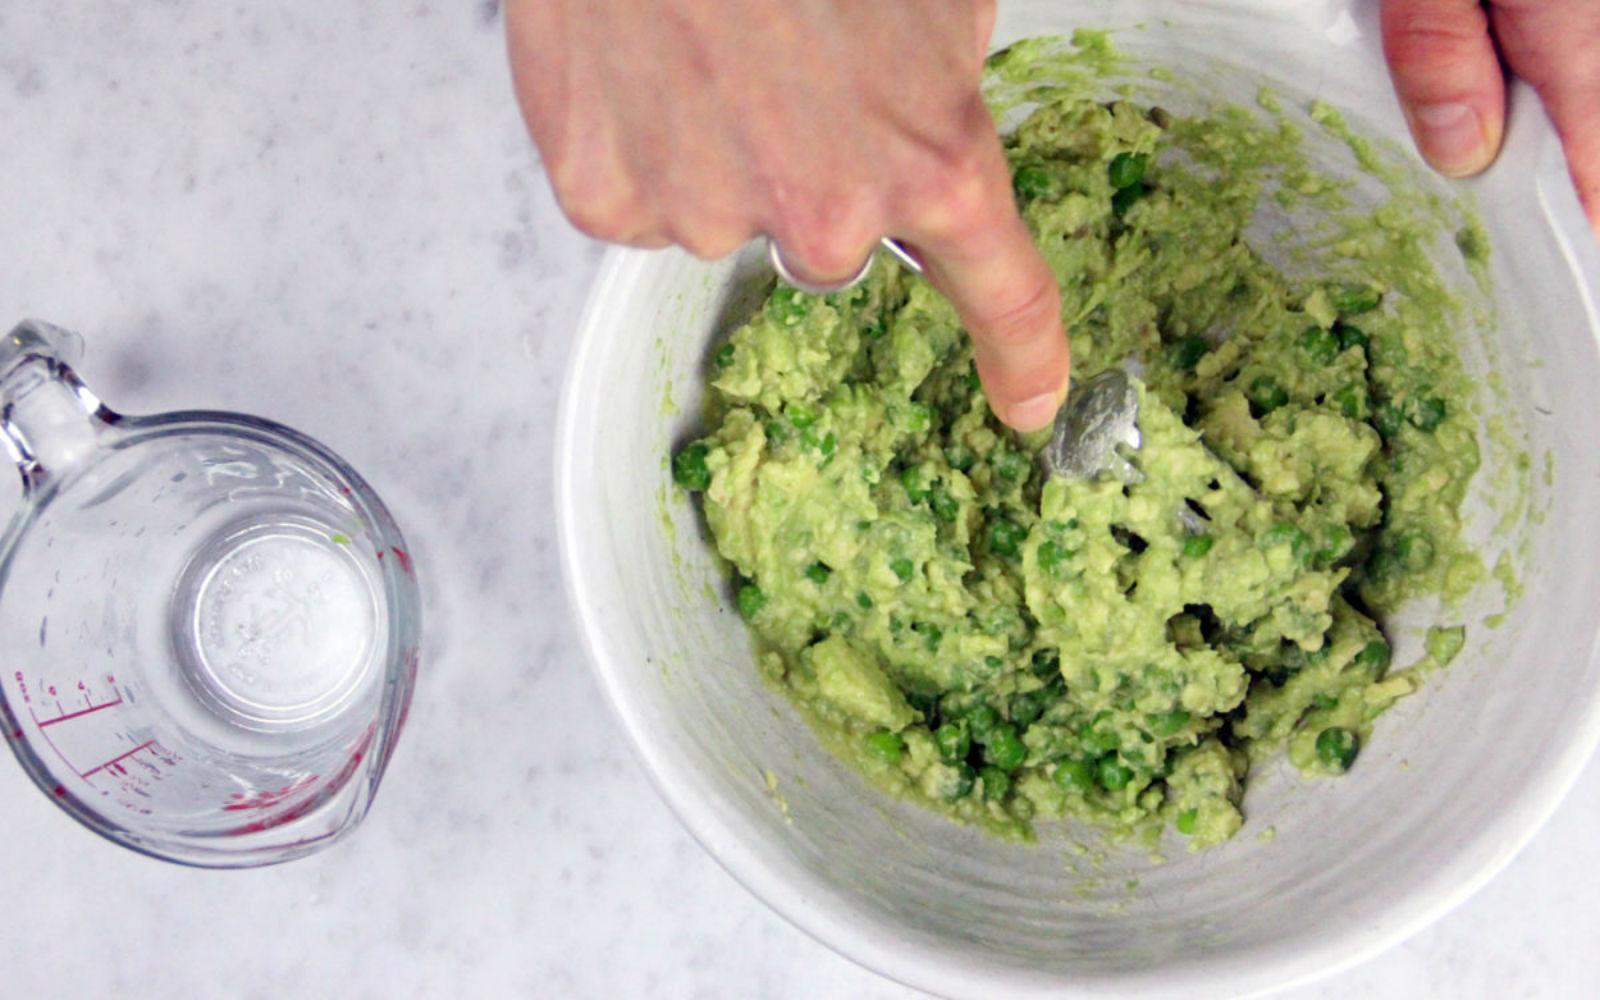 Vegan Easy Protein Guacamole with peas